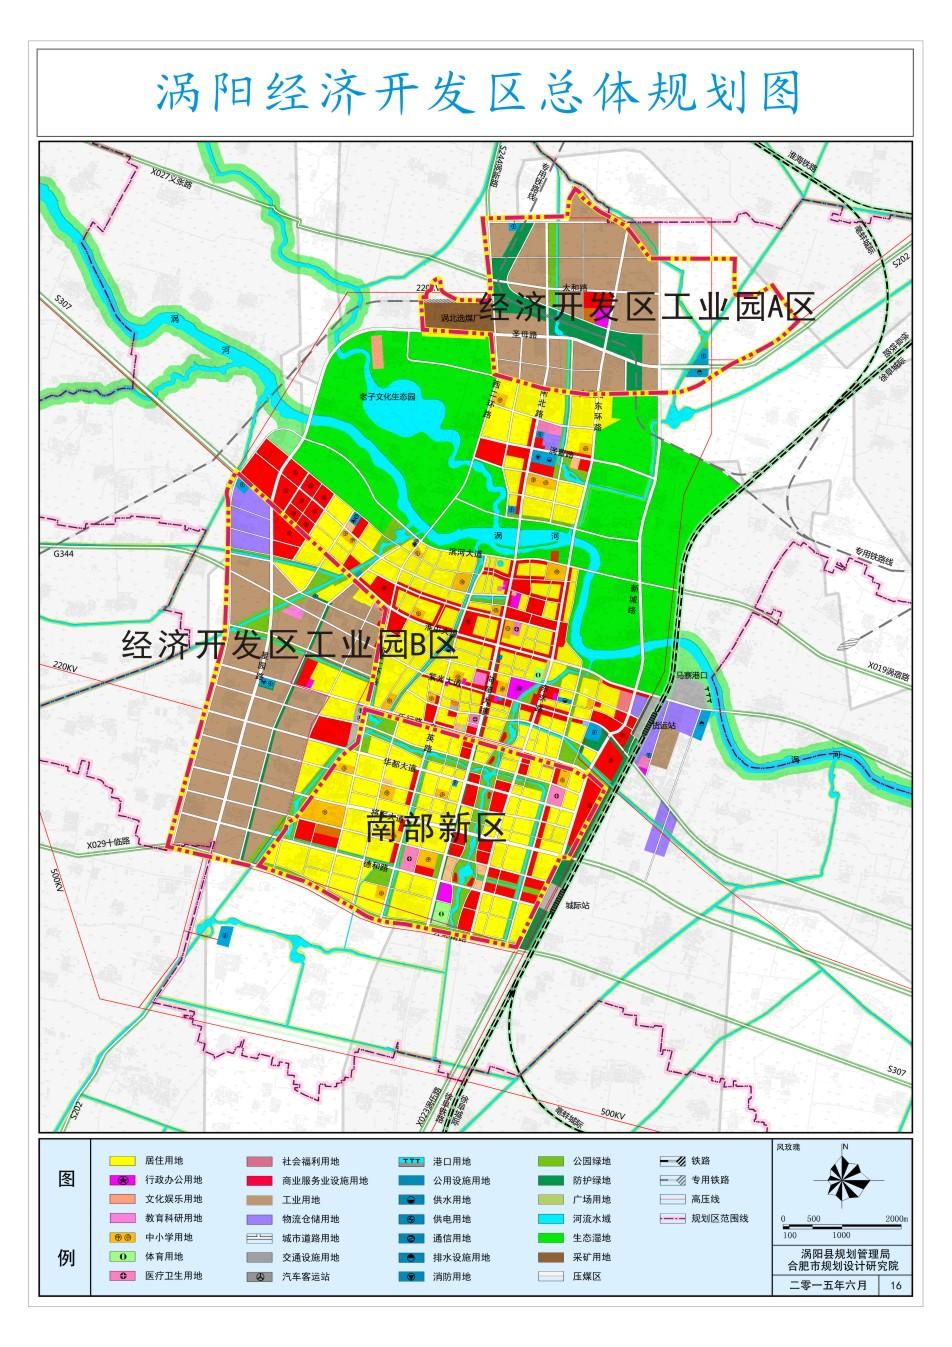 涡阳经开区总体规划图发布